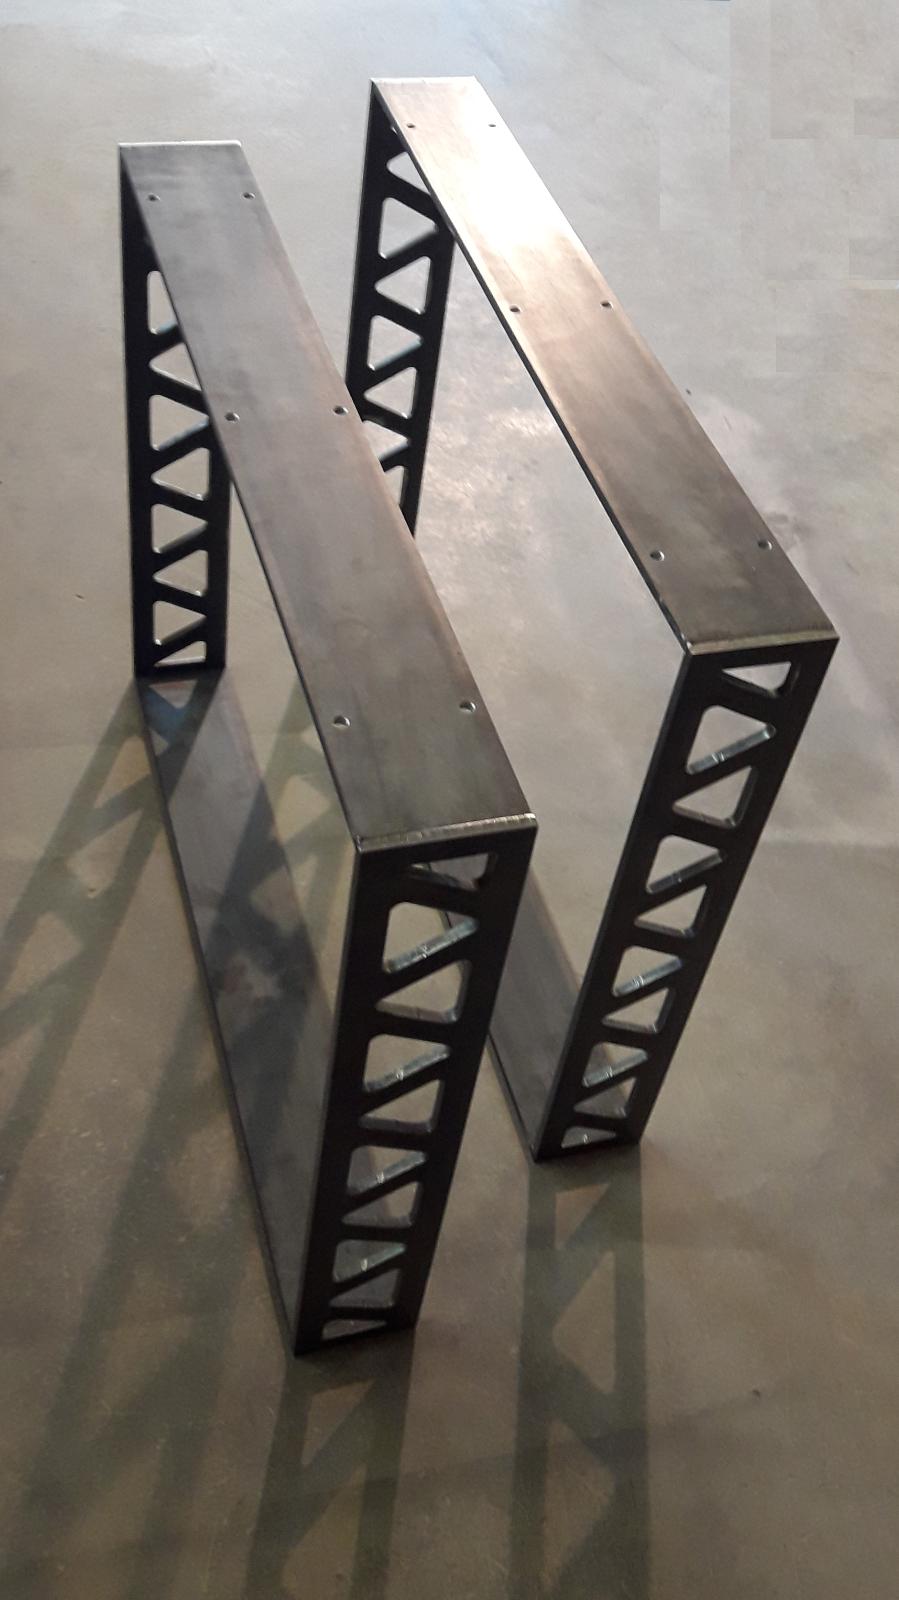 Tischkufen Industrial Design Tischgestell Stahl